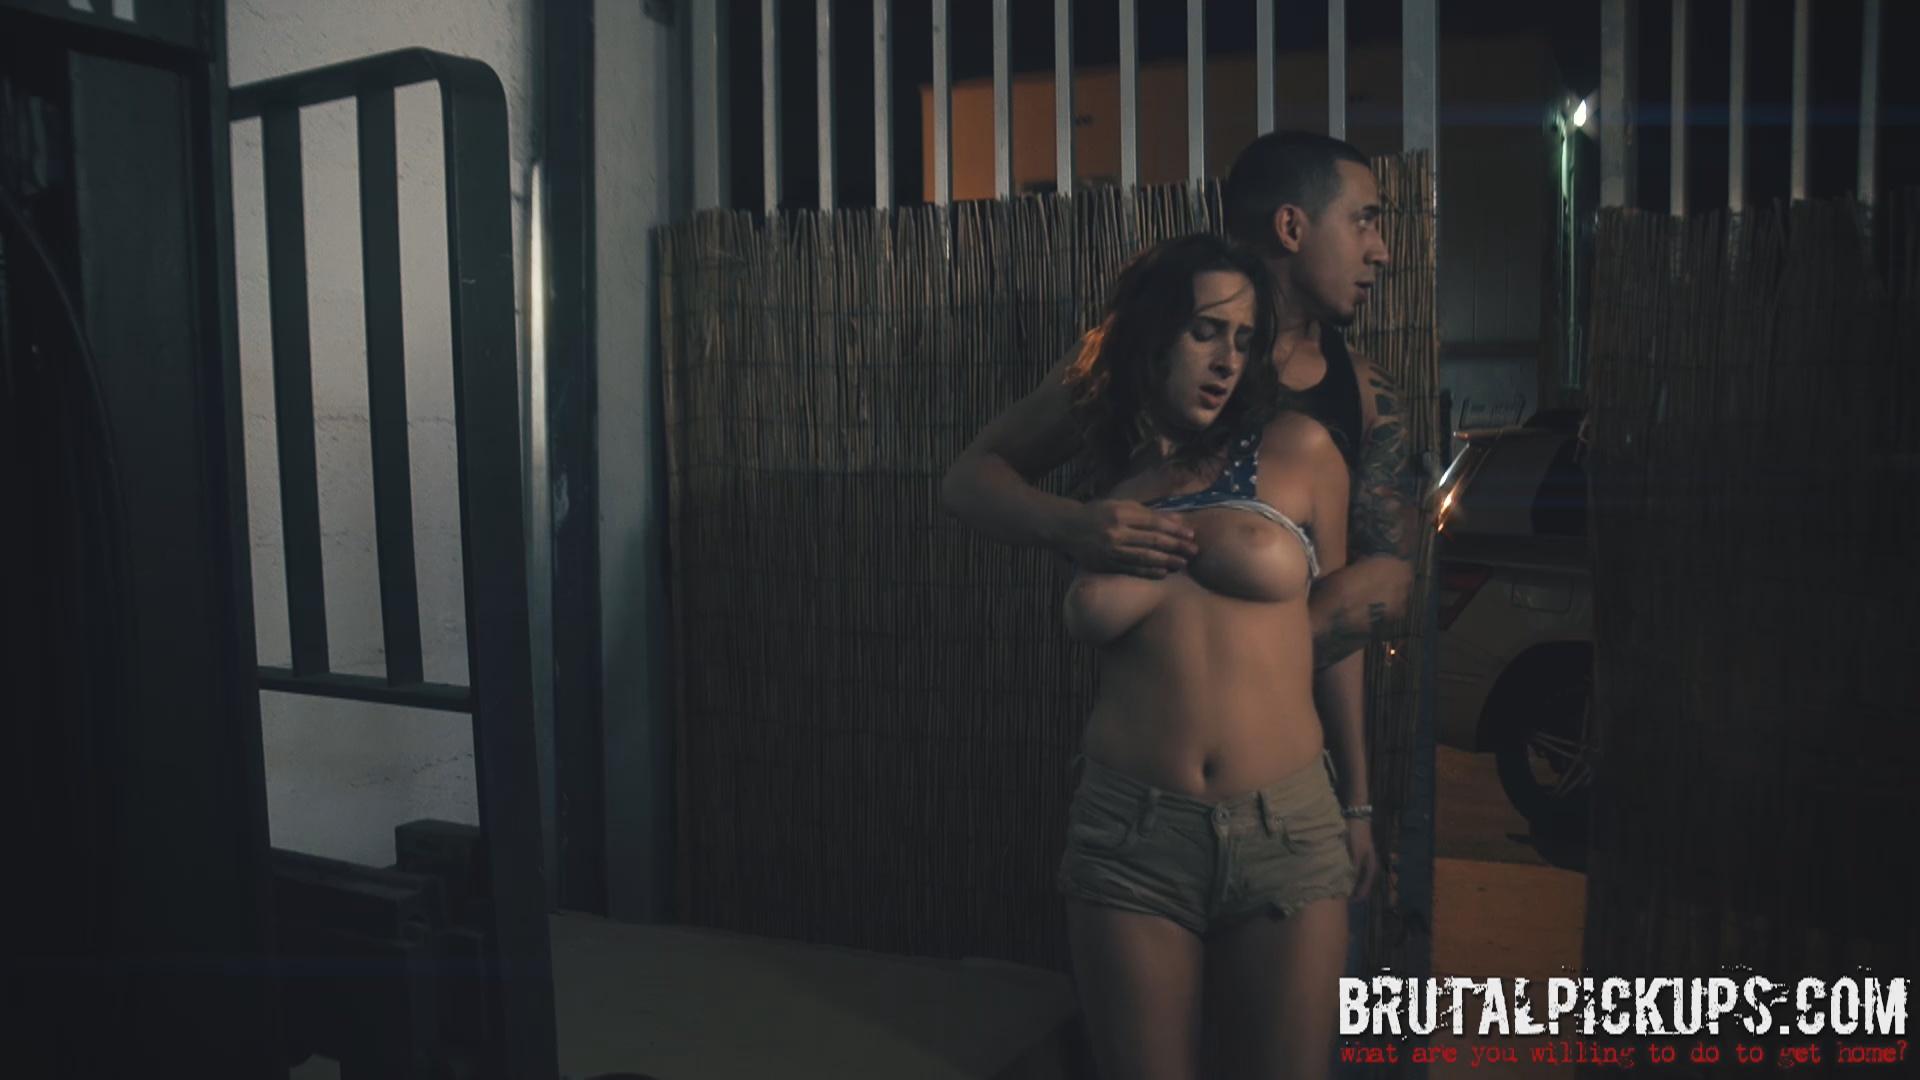 brutal porn sites